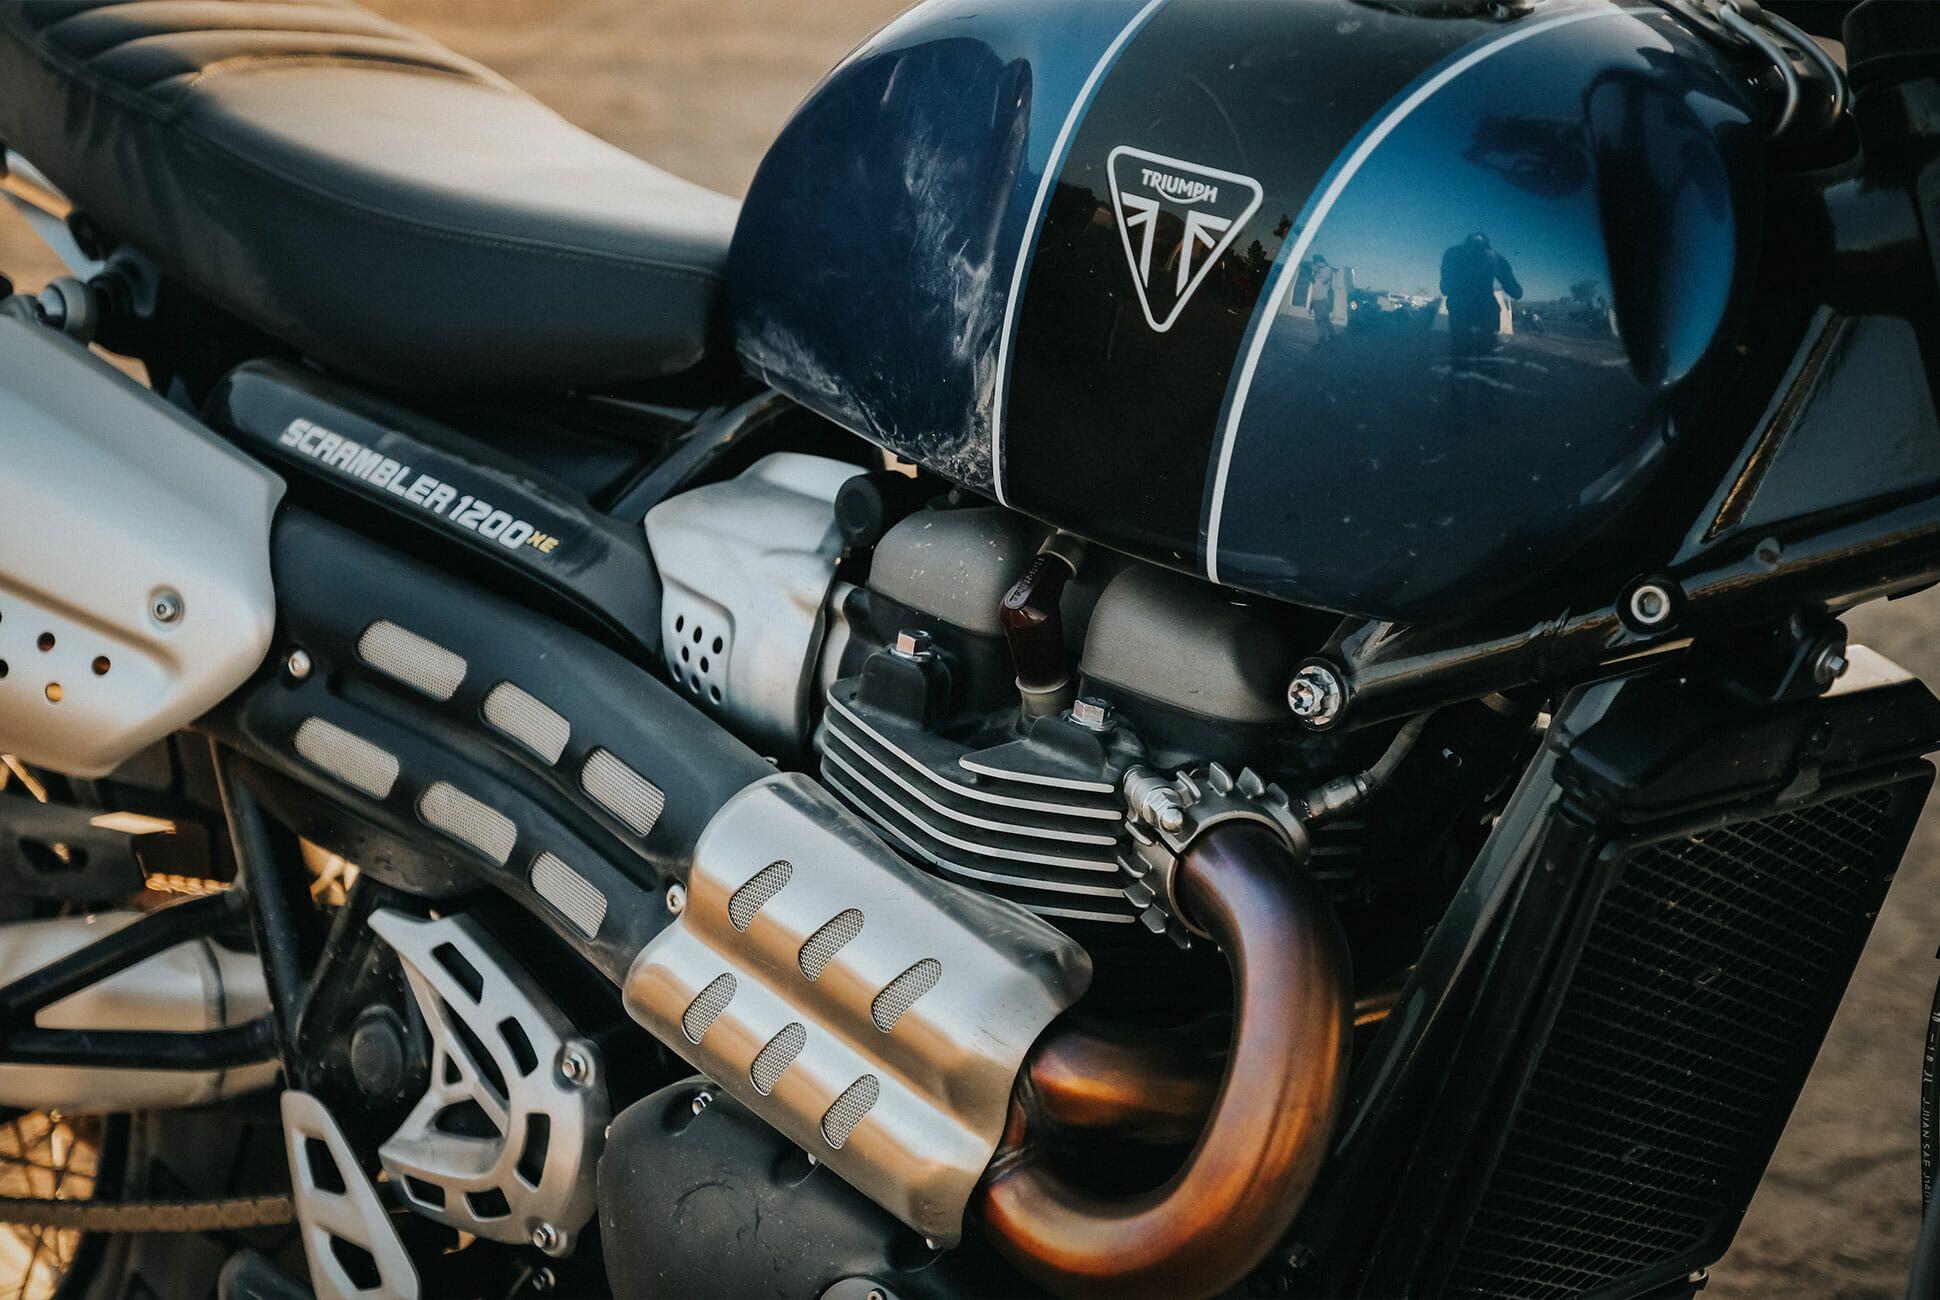 2019-Triumph-Scrambler-1200-XE-Review-Gear-Patrol-slide-2